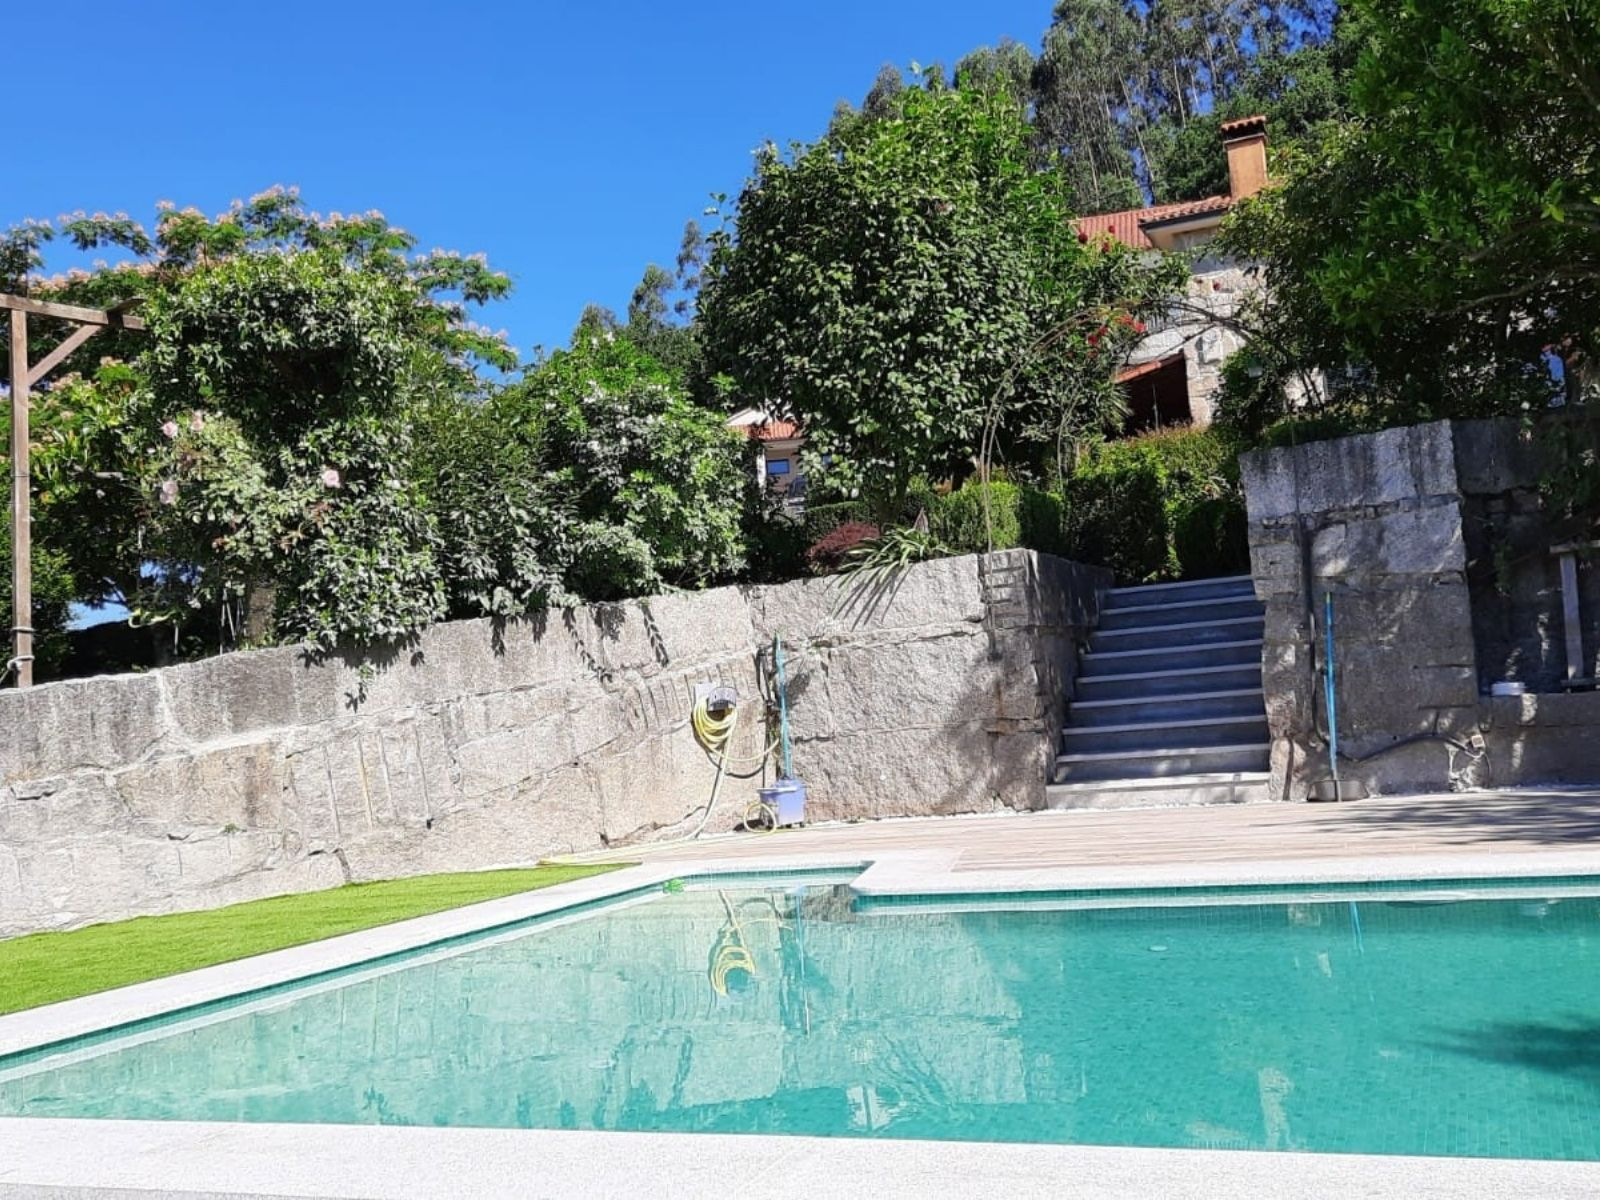 piscina 7x4 inspiración elifra